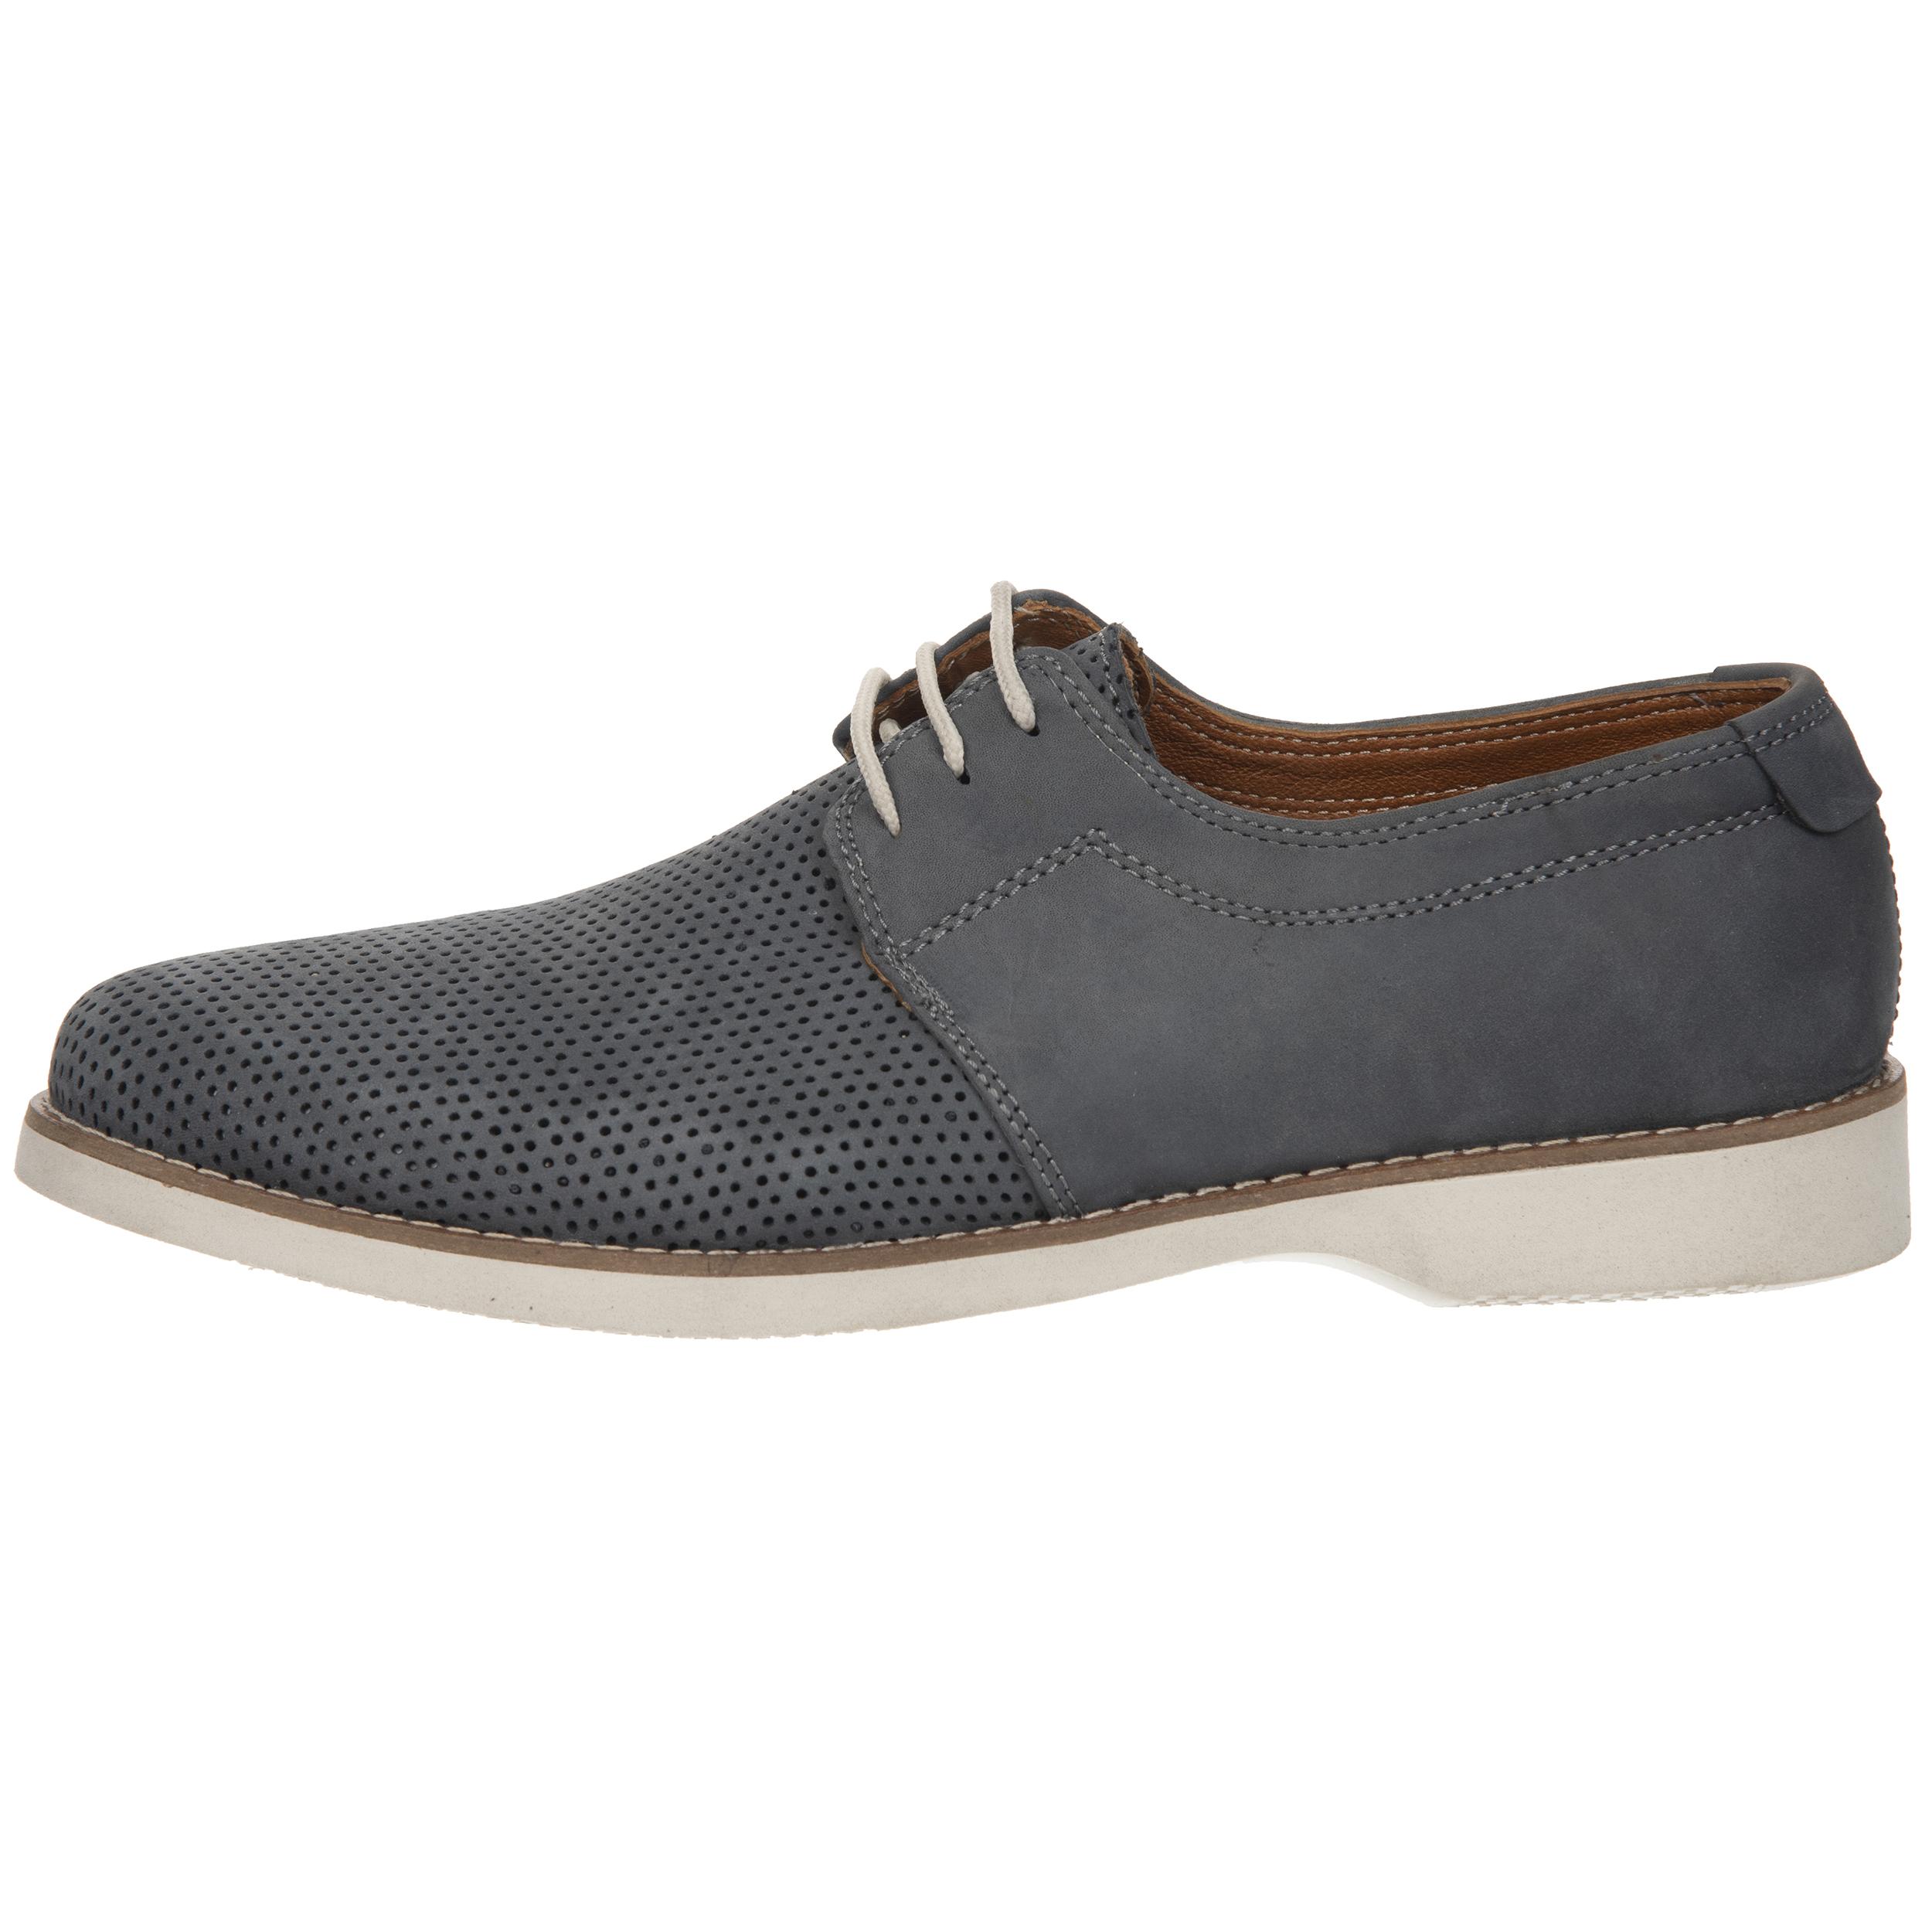 کفش مردانه پانیسا مدل 502-16